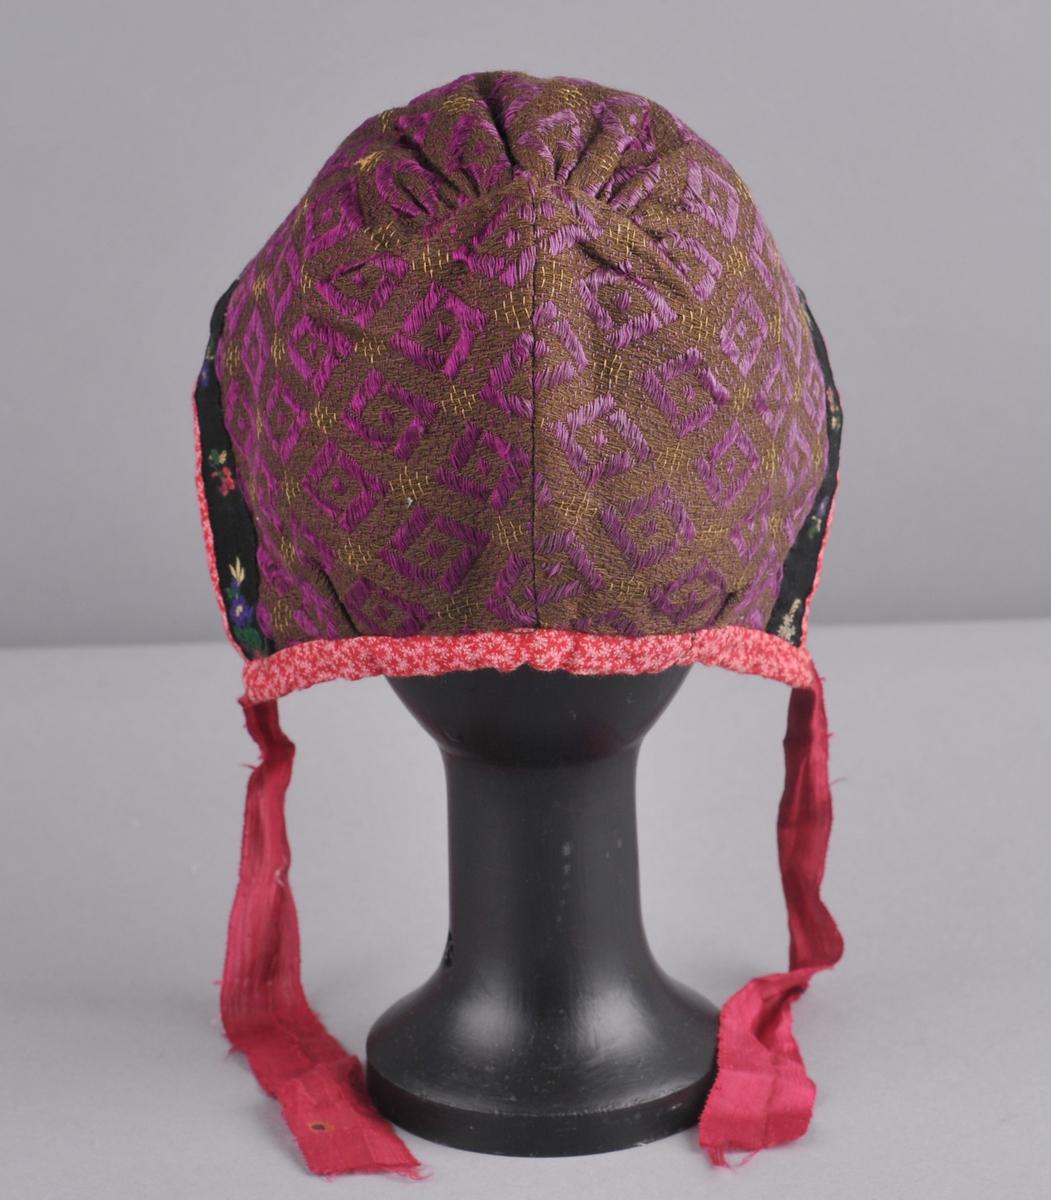 Luve av eit rektangulært stoffstykke, med saum i nakken og rynker på issen, i ull og silke. Brun botn med lilla og gul brosjering, kanting rundt luva av bomullslerret med trykt mønster i raudt og rosa. I framkant ei blomebore i svart, rosa, grønt, blått, gult og kvitt.  For av kvitt bomullslerret. Knytebanda er raude silkeband. Luva er handsauma.